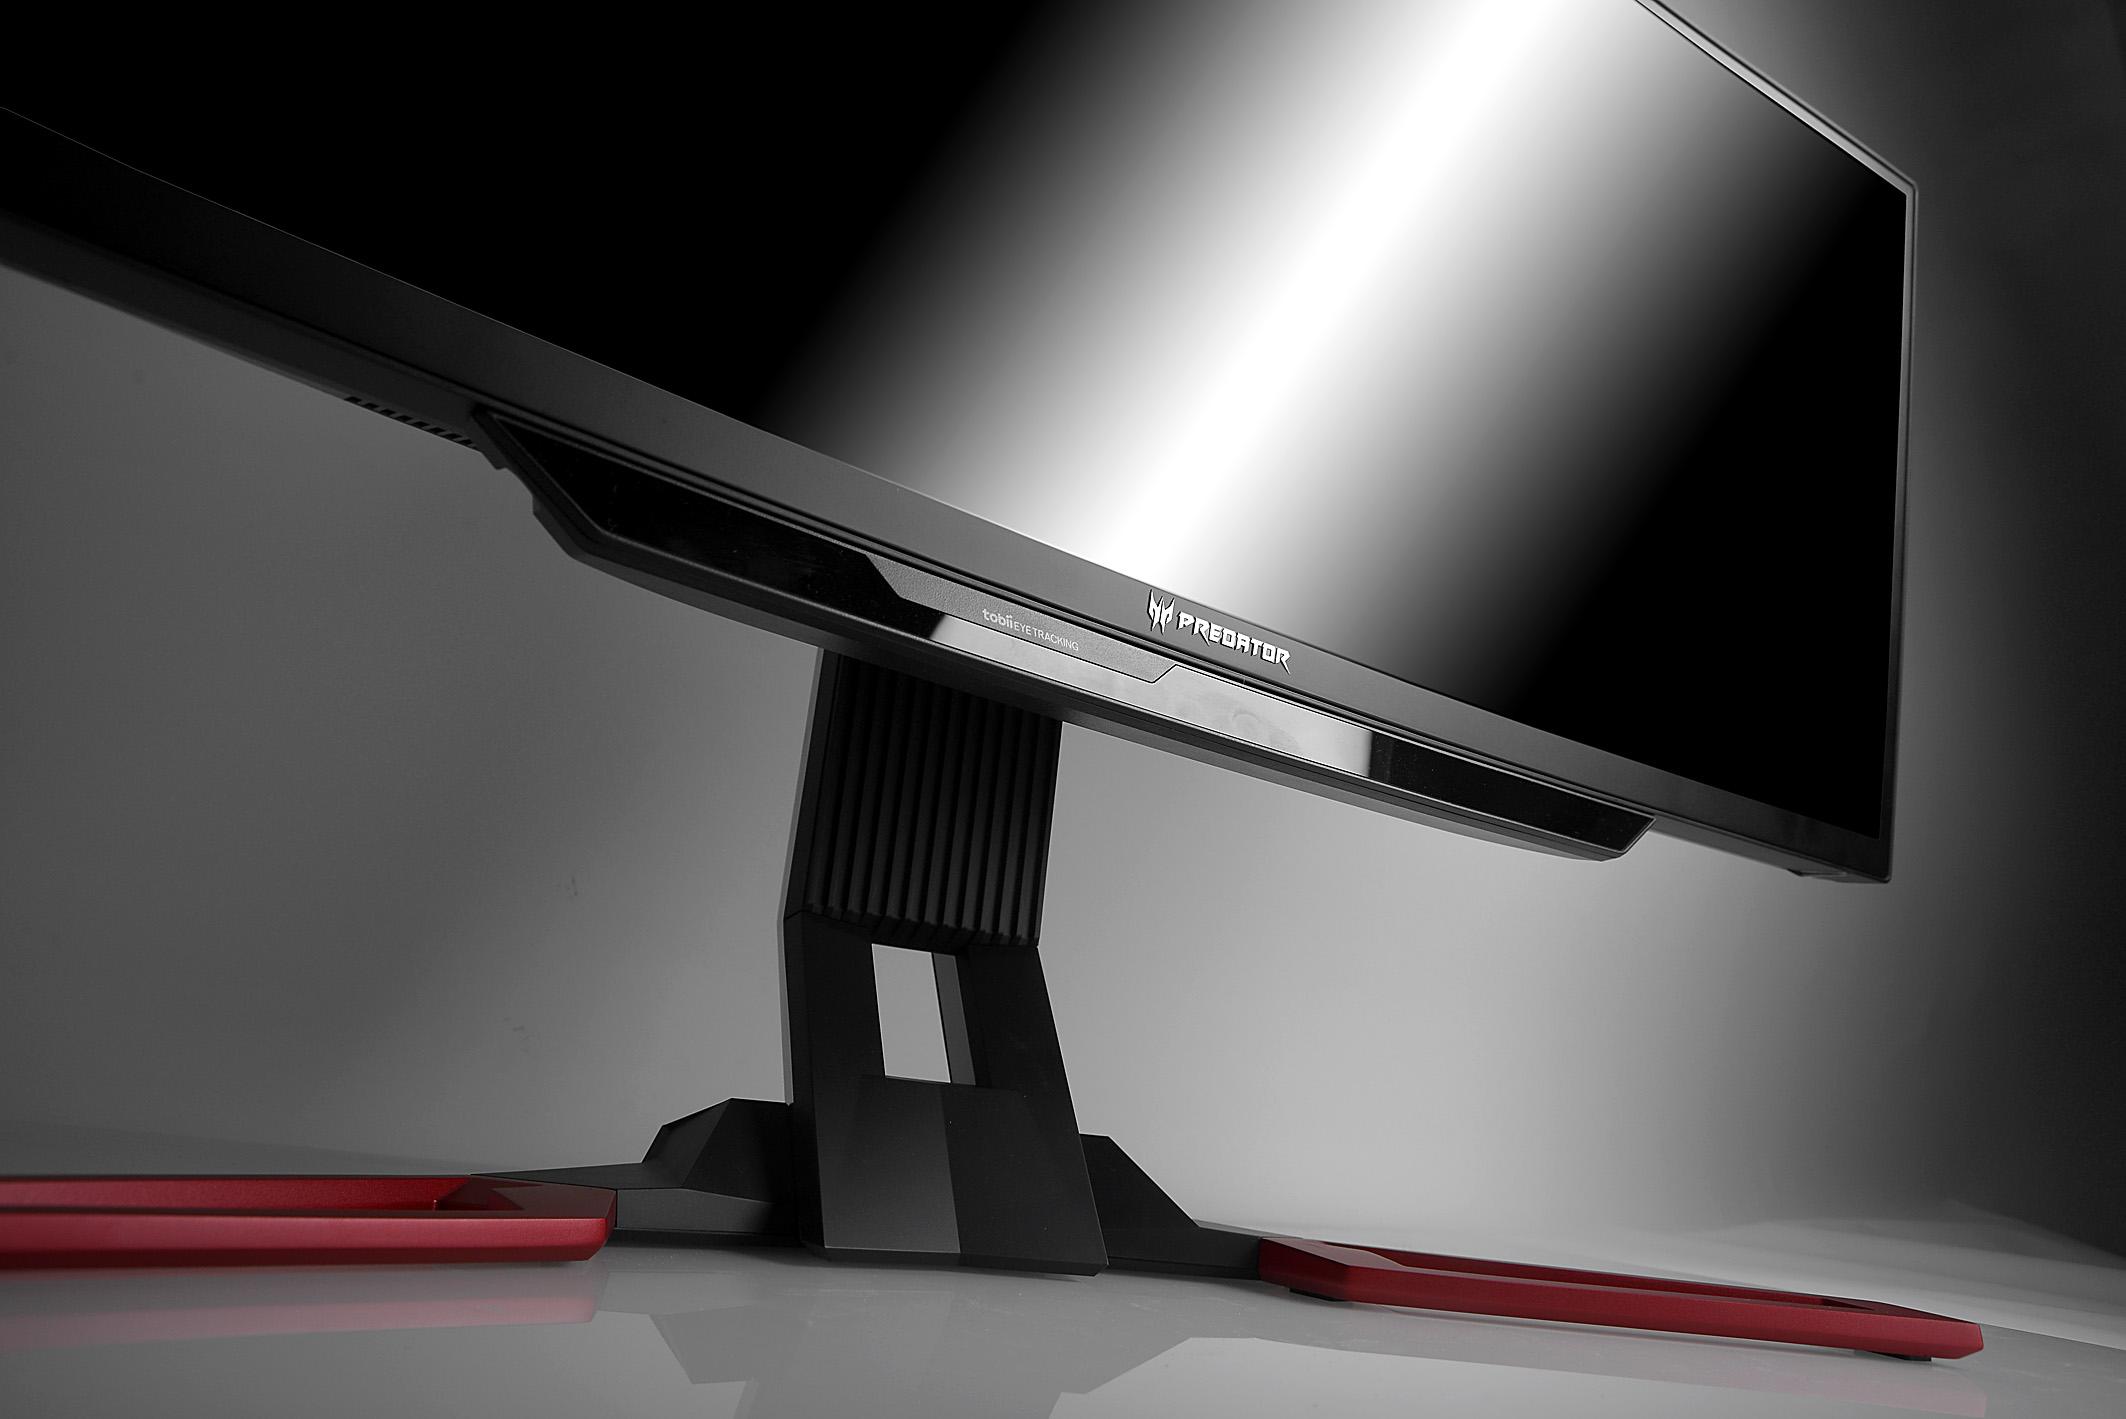 Der 21:9-Monitor im Curved-Design, der den klangvollen Namen Predator Z1 trägt, hat eine Bilddiagonale von 30 Zoll, was satten 76 cm entspricht. Die Auflösung beträgt 2560 x 1080 Pixel. Foto: Michael B. Rehders